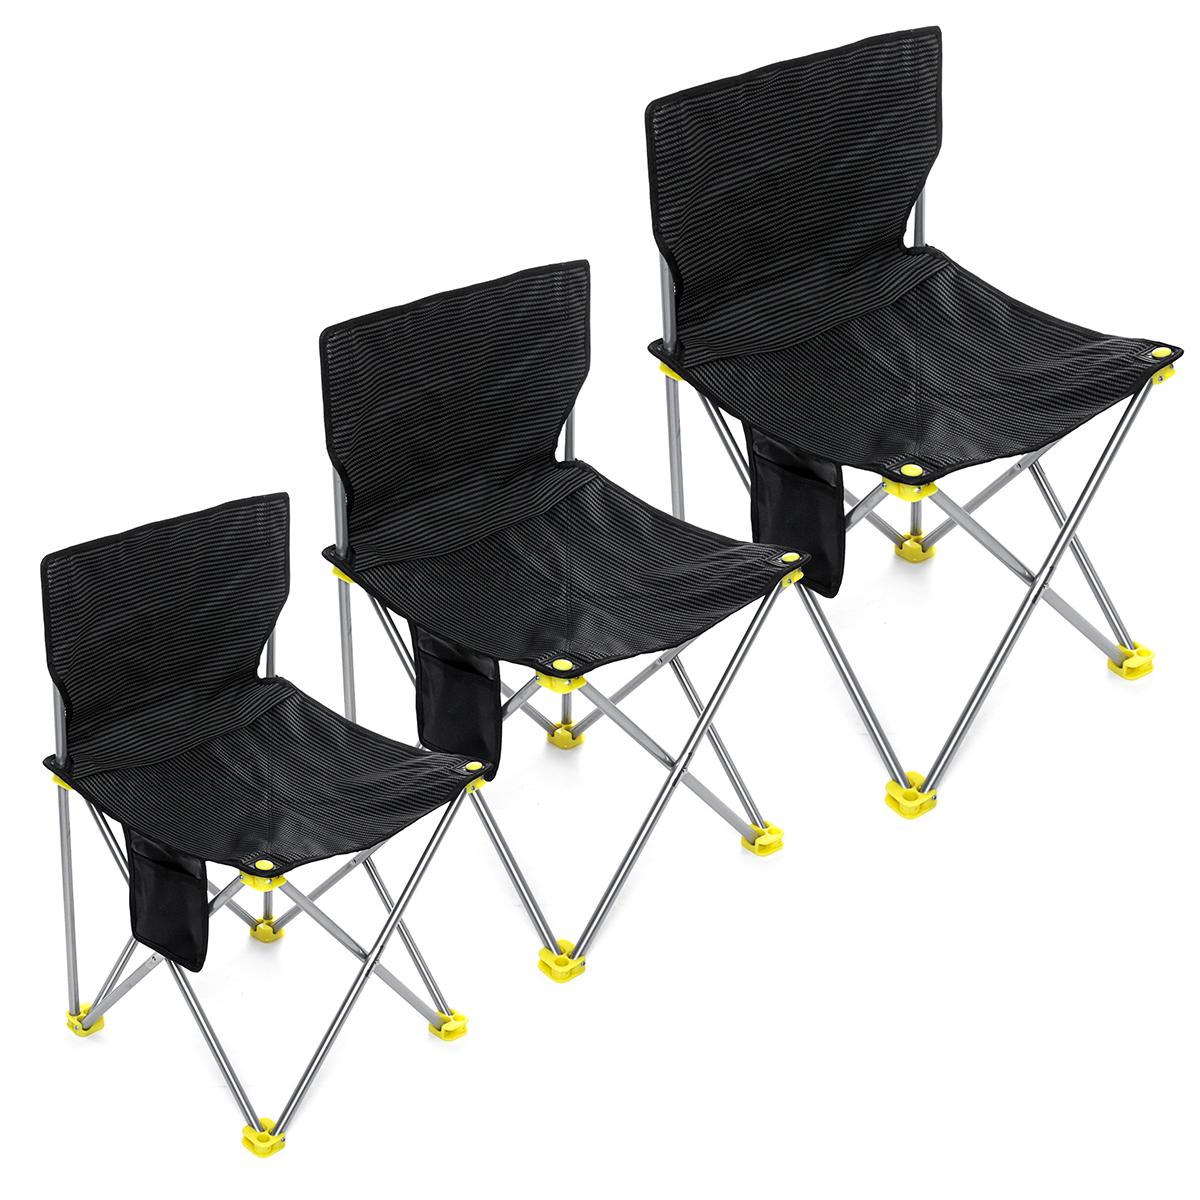 Переносной складной стул На открытом воздухе Traveling Кемпинг Кресло Рыбалка Пляжный Сиденье